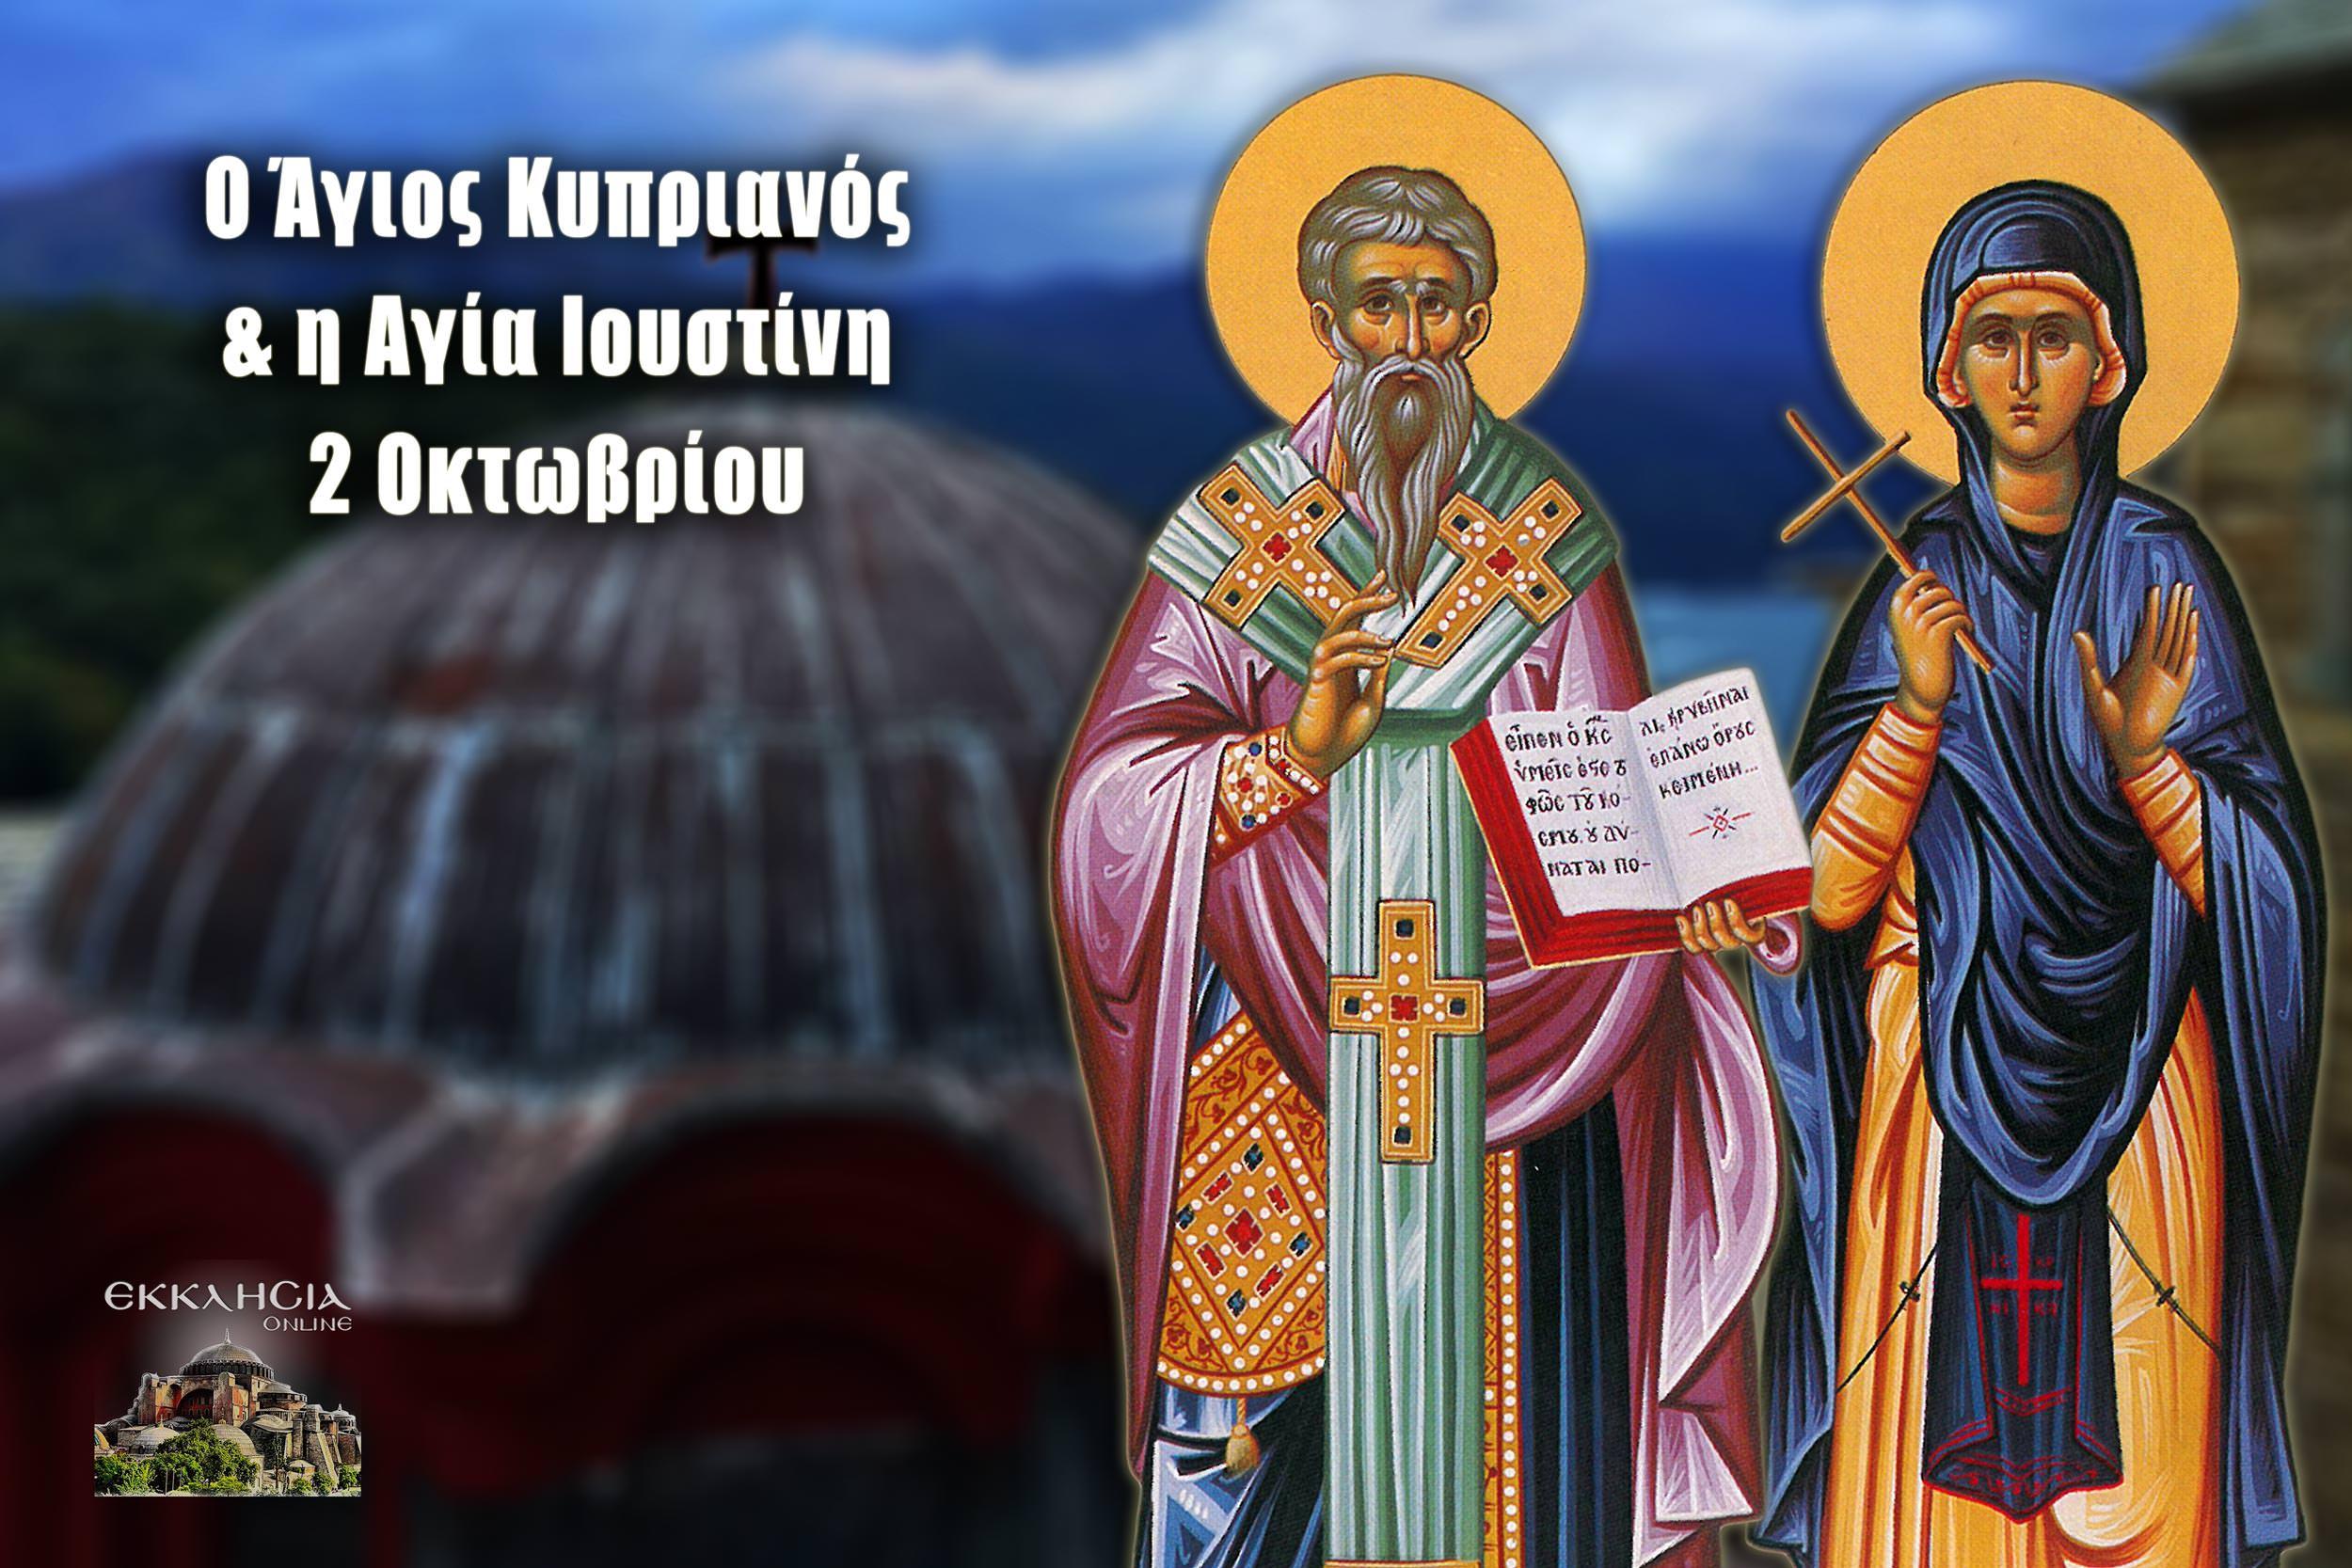 Άγιος Κυπριανός Αγία Ιουστίνη 2 Οκτωβρίου